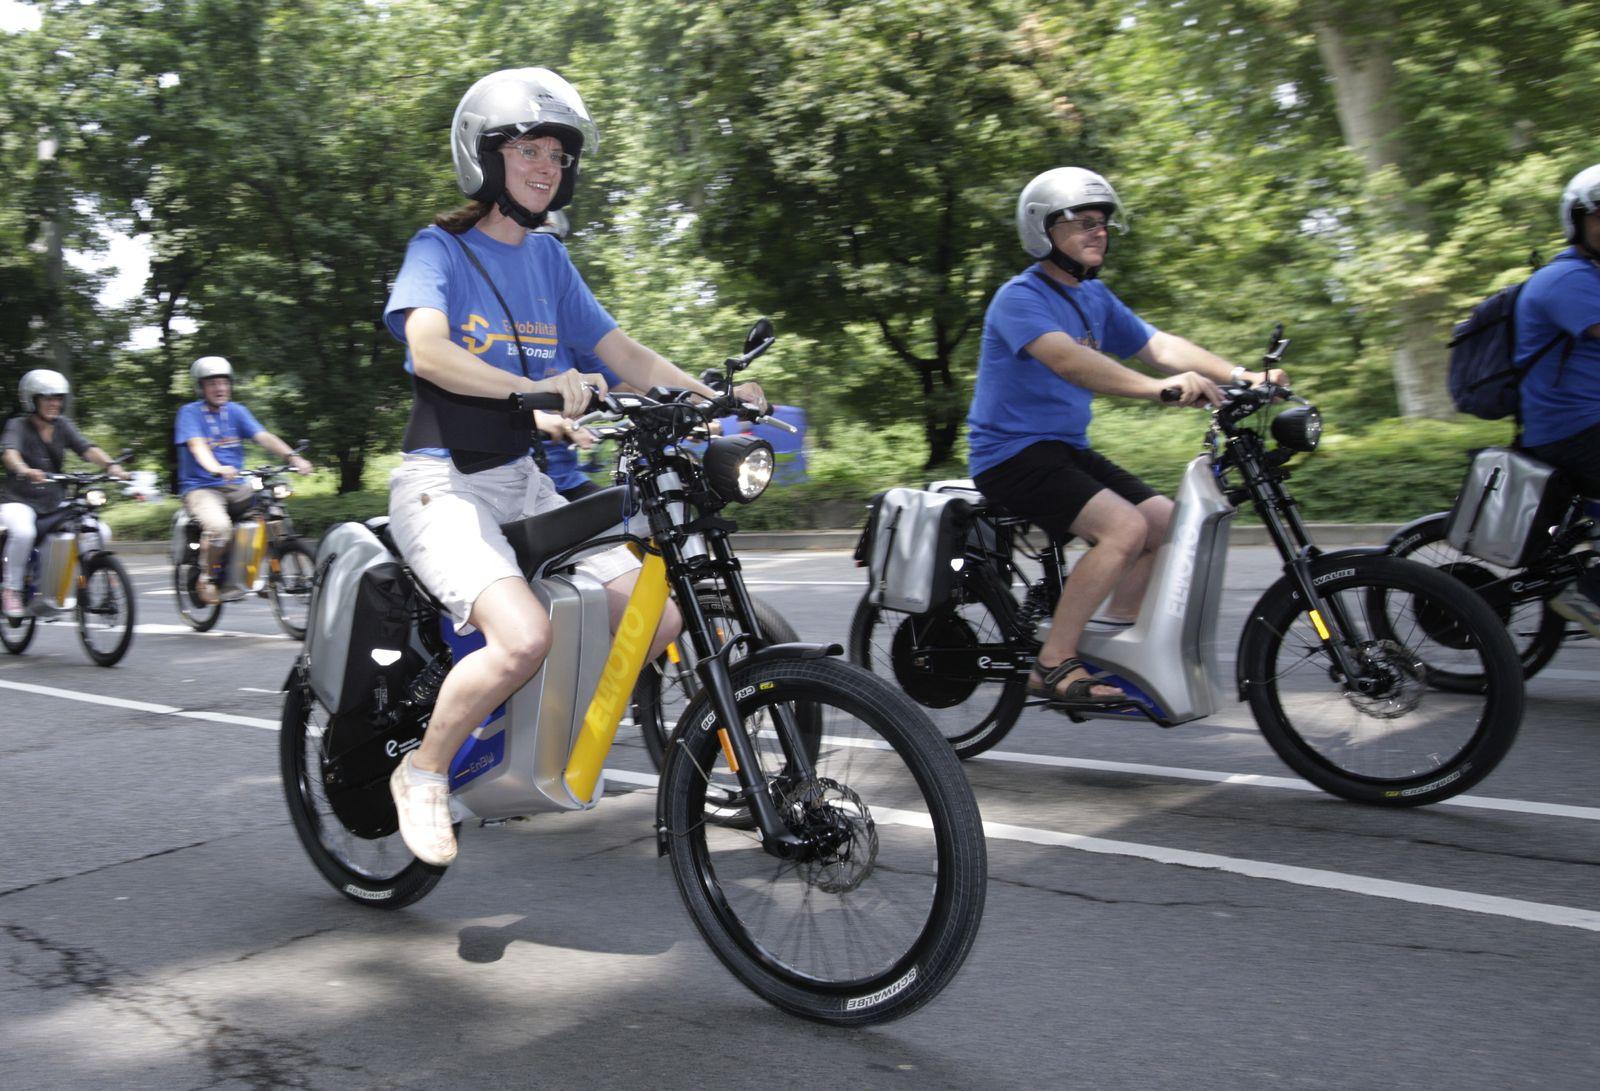 NICHT VERWENDEN Helmpflicht/ E-Bikes/ Elektrorad